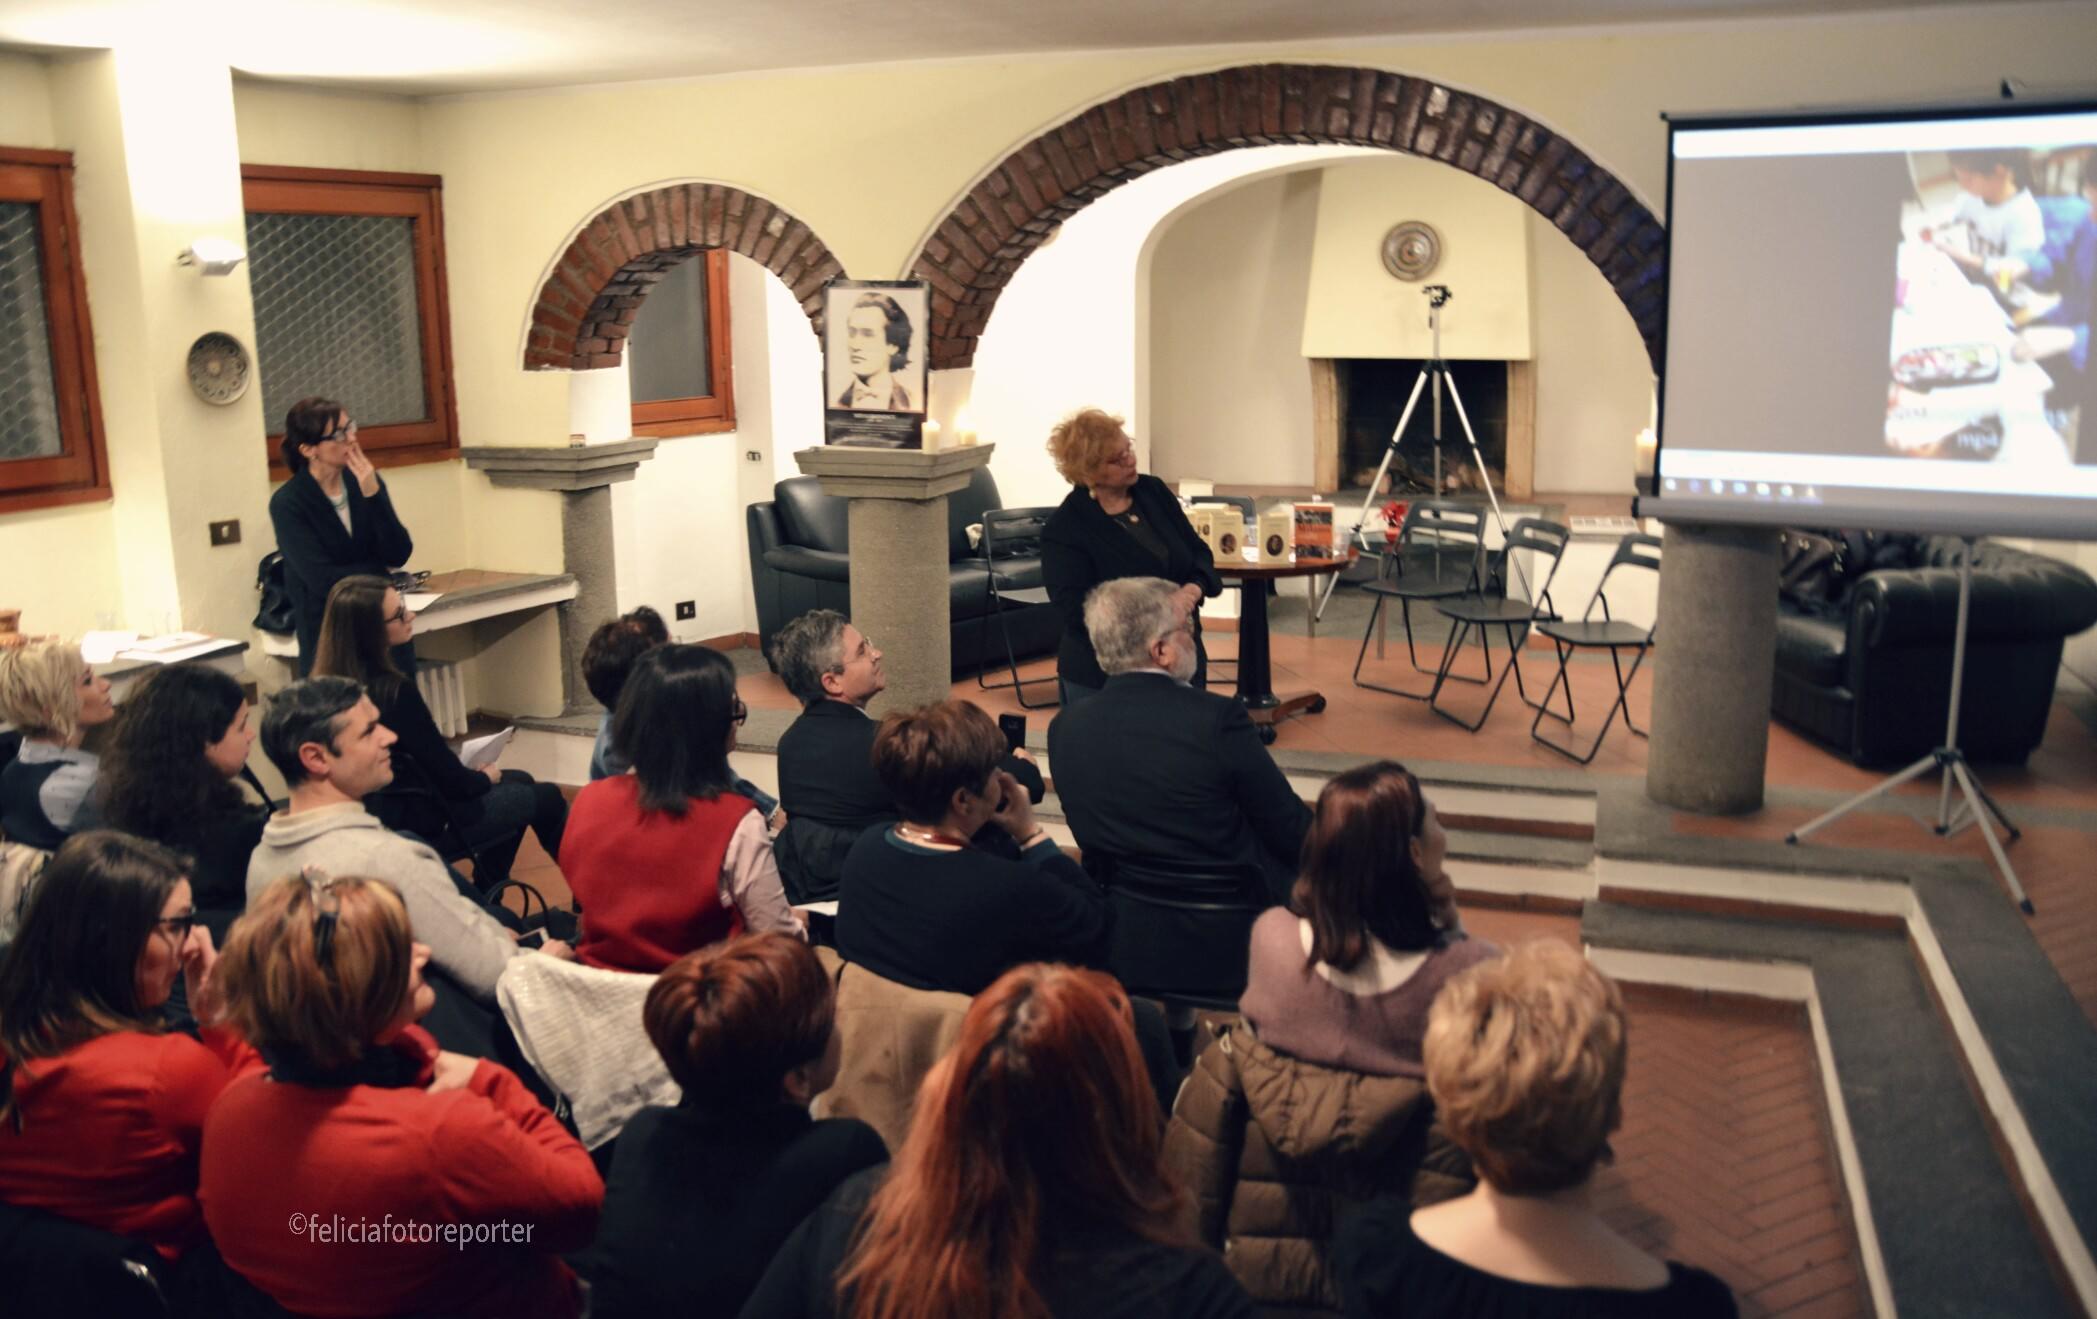 A Milano festeggiata la Giornata della Cultura Nazionale e l'anniversario del poeta Mihai Eminescu